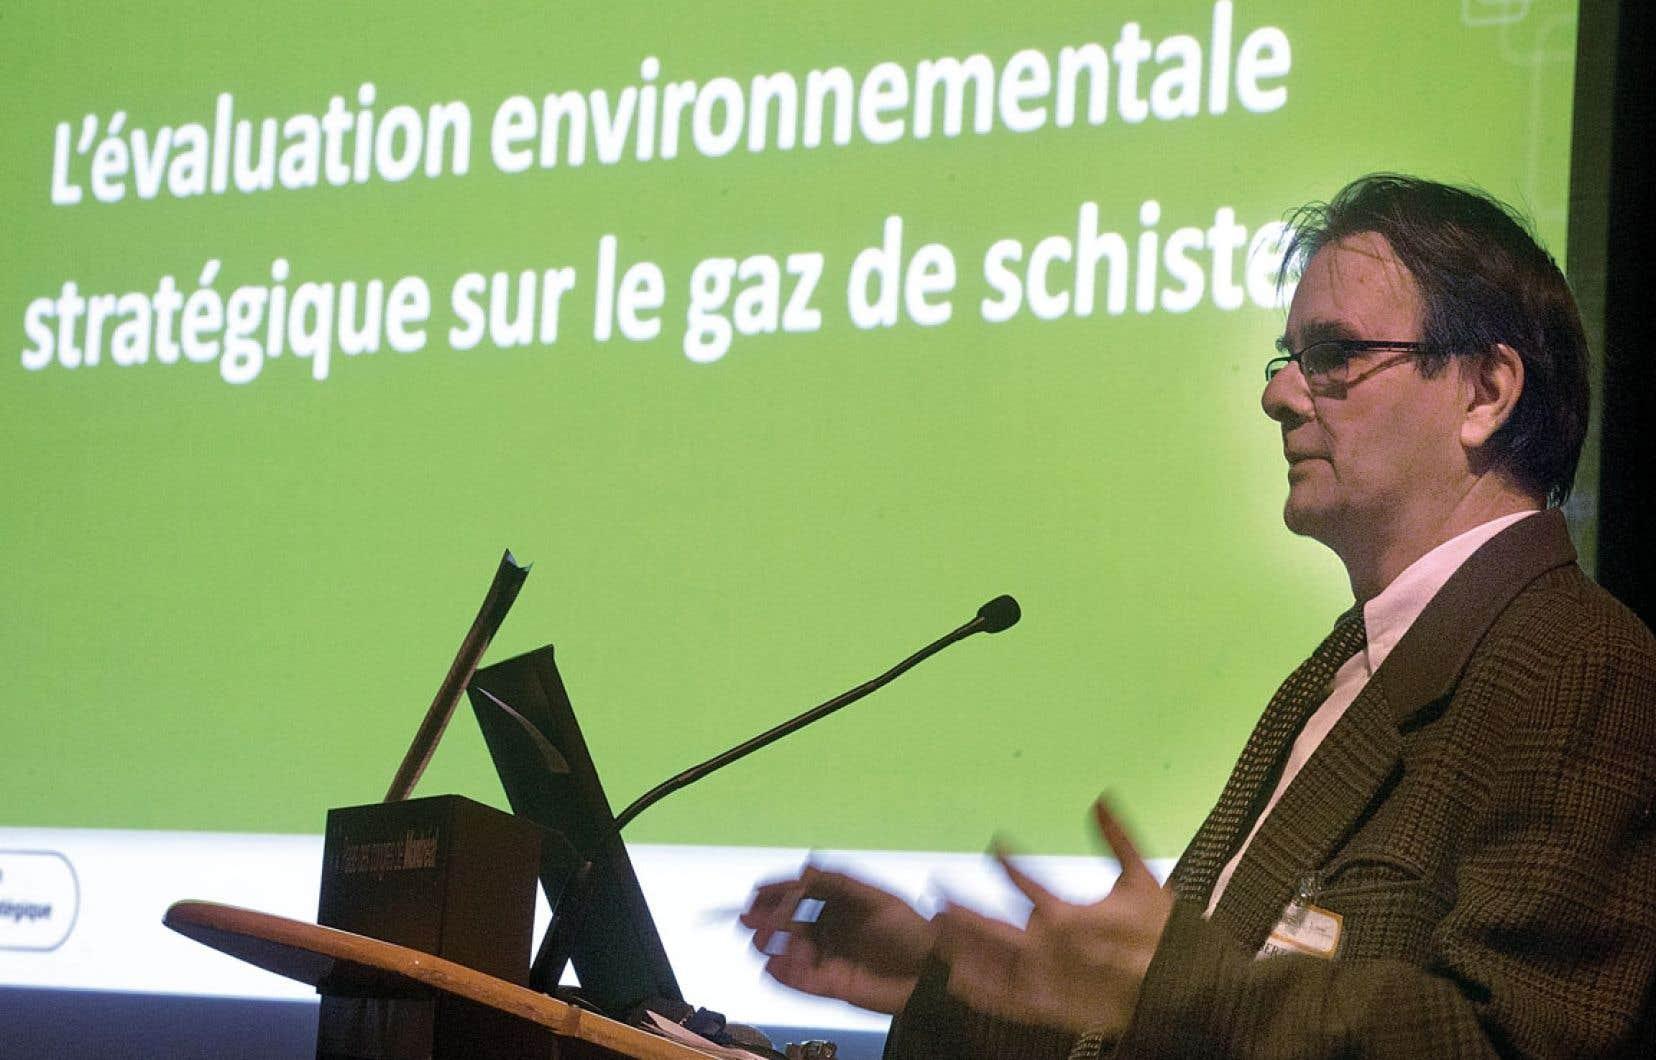 Le président du Comité de l'évaluation environnementale stratégique sur le gaz de schiste, Robert Joly, croit que le MNR pourra utiliser les résultats du rapport de son comité même s'il ne sera dévoilé qu'au moment de l'élaboration d'un projet de loi pour encadrer l'industrie pétrolière.